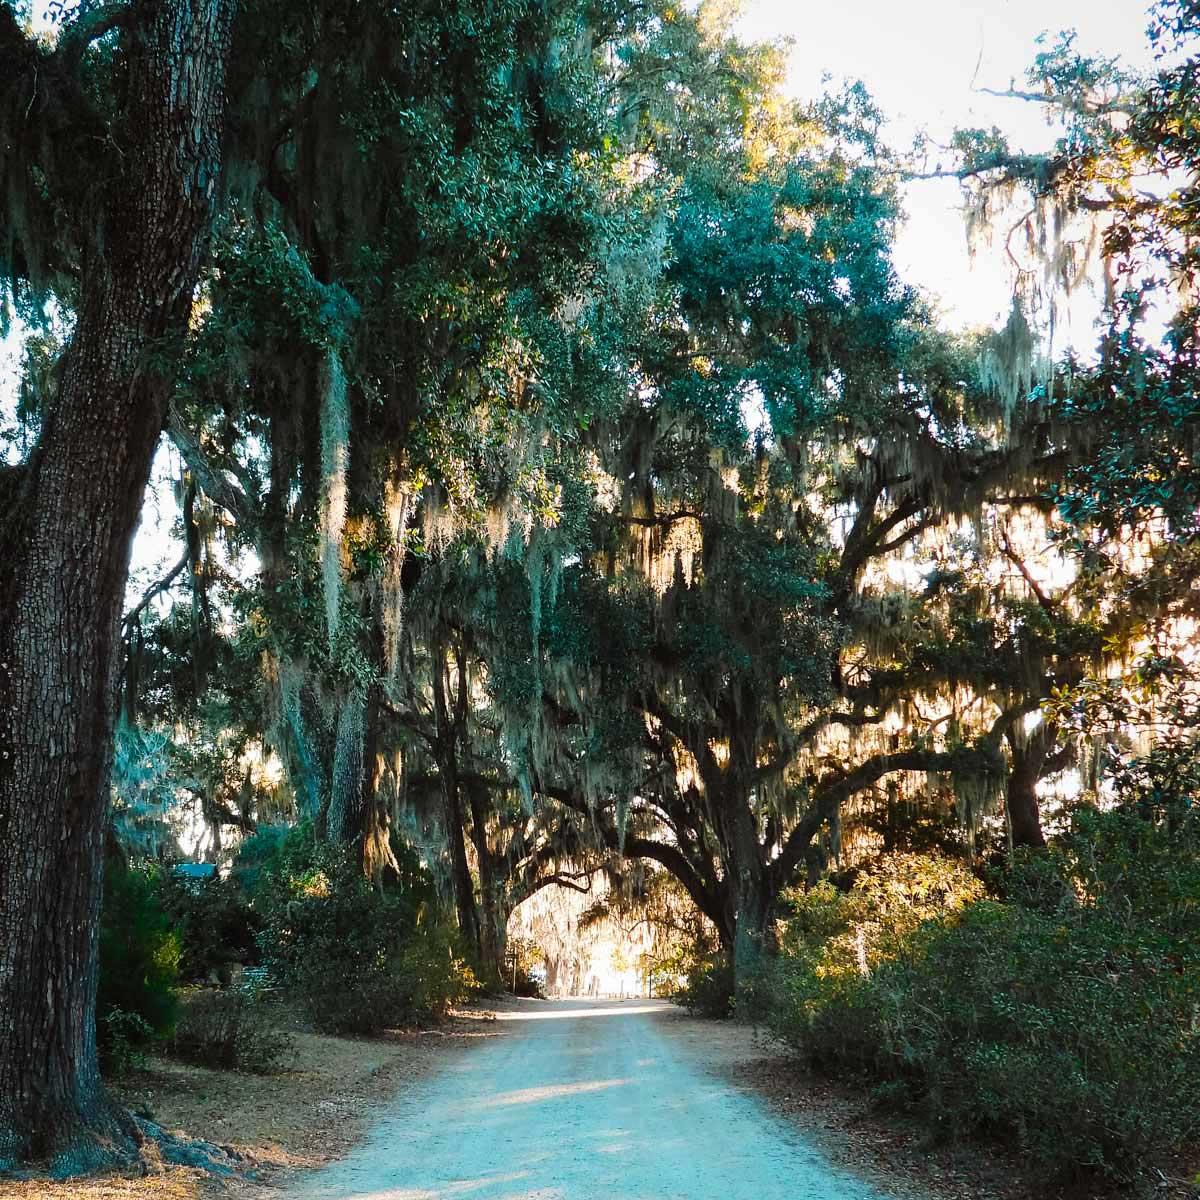 Peaceful road through Bonaventure Cemetery